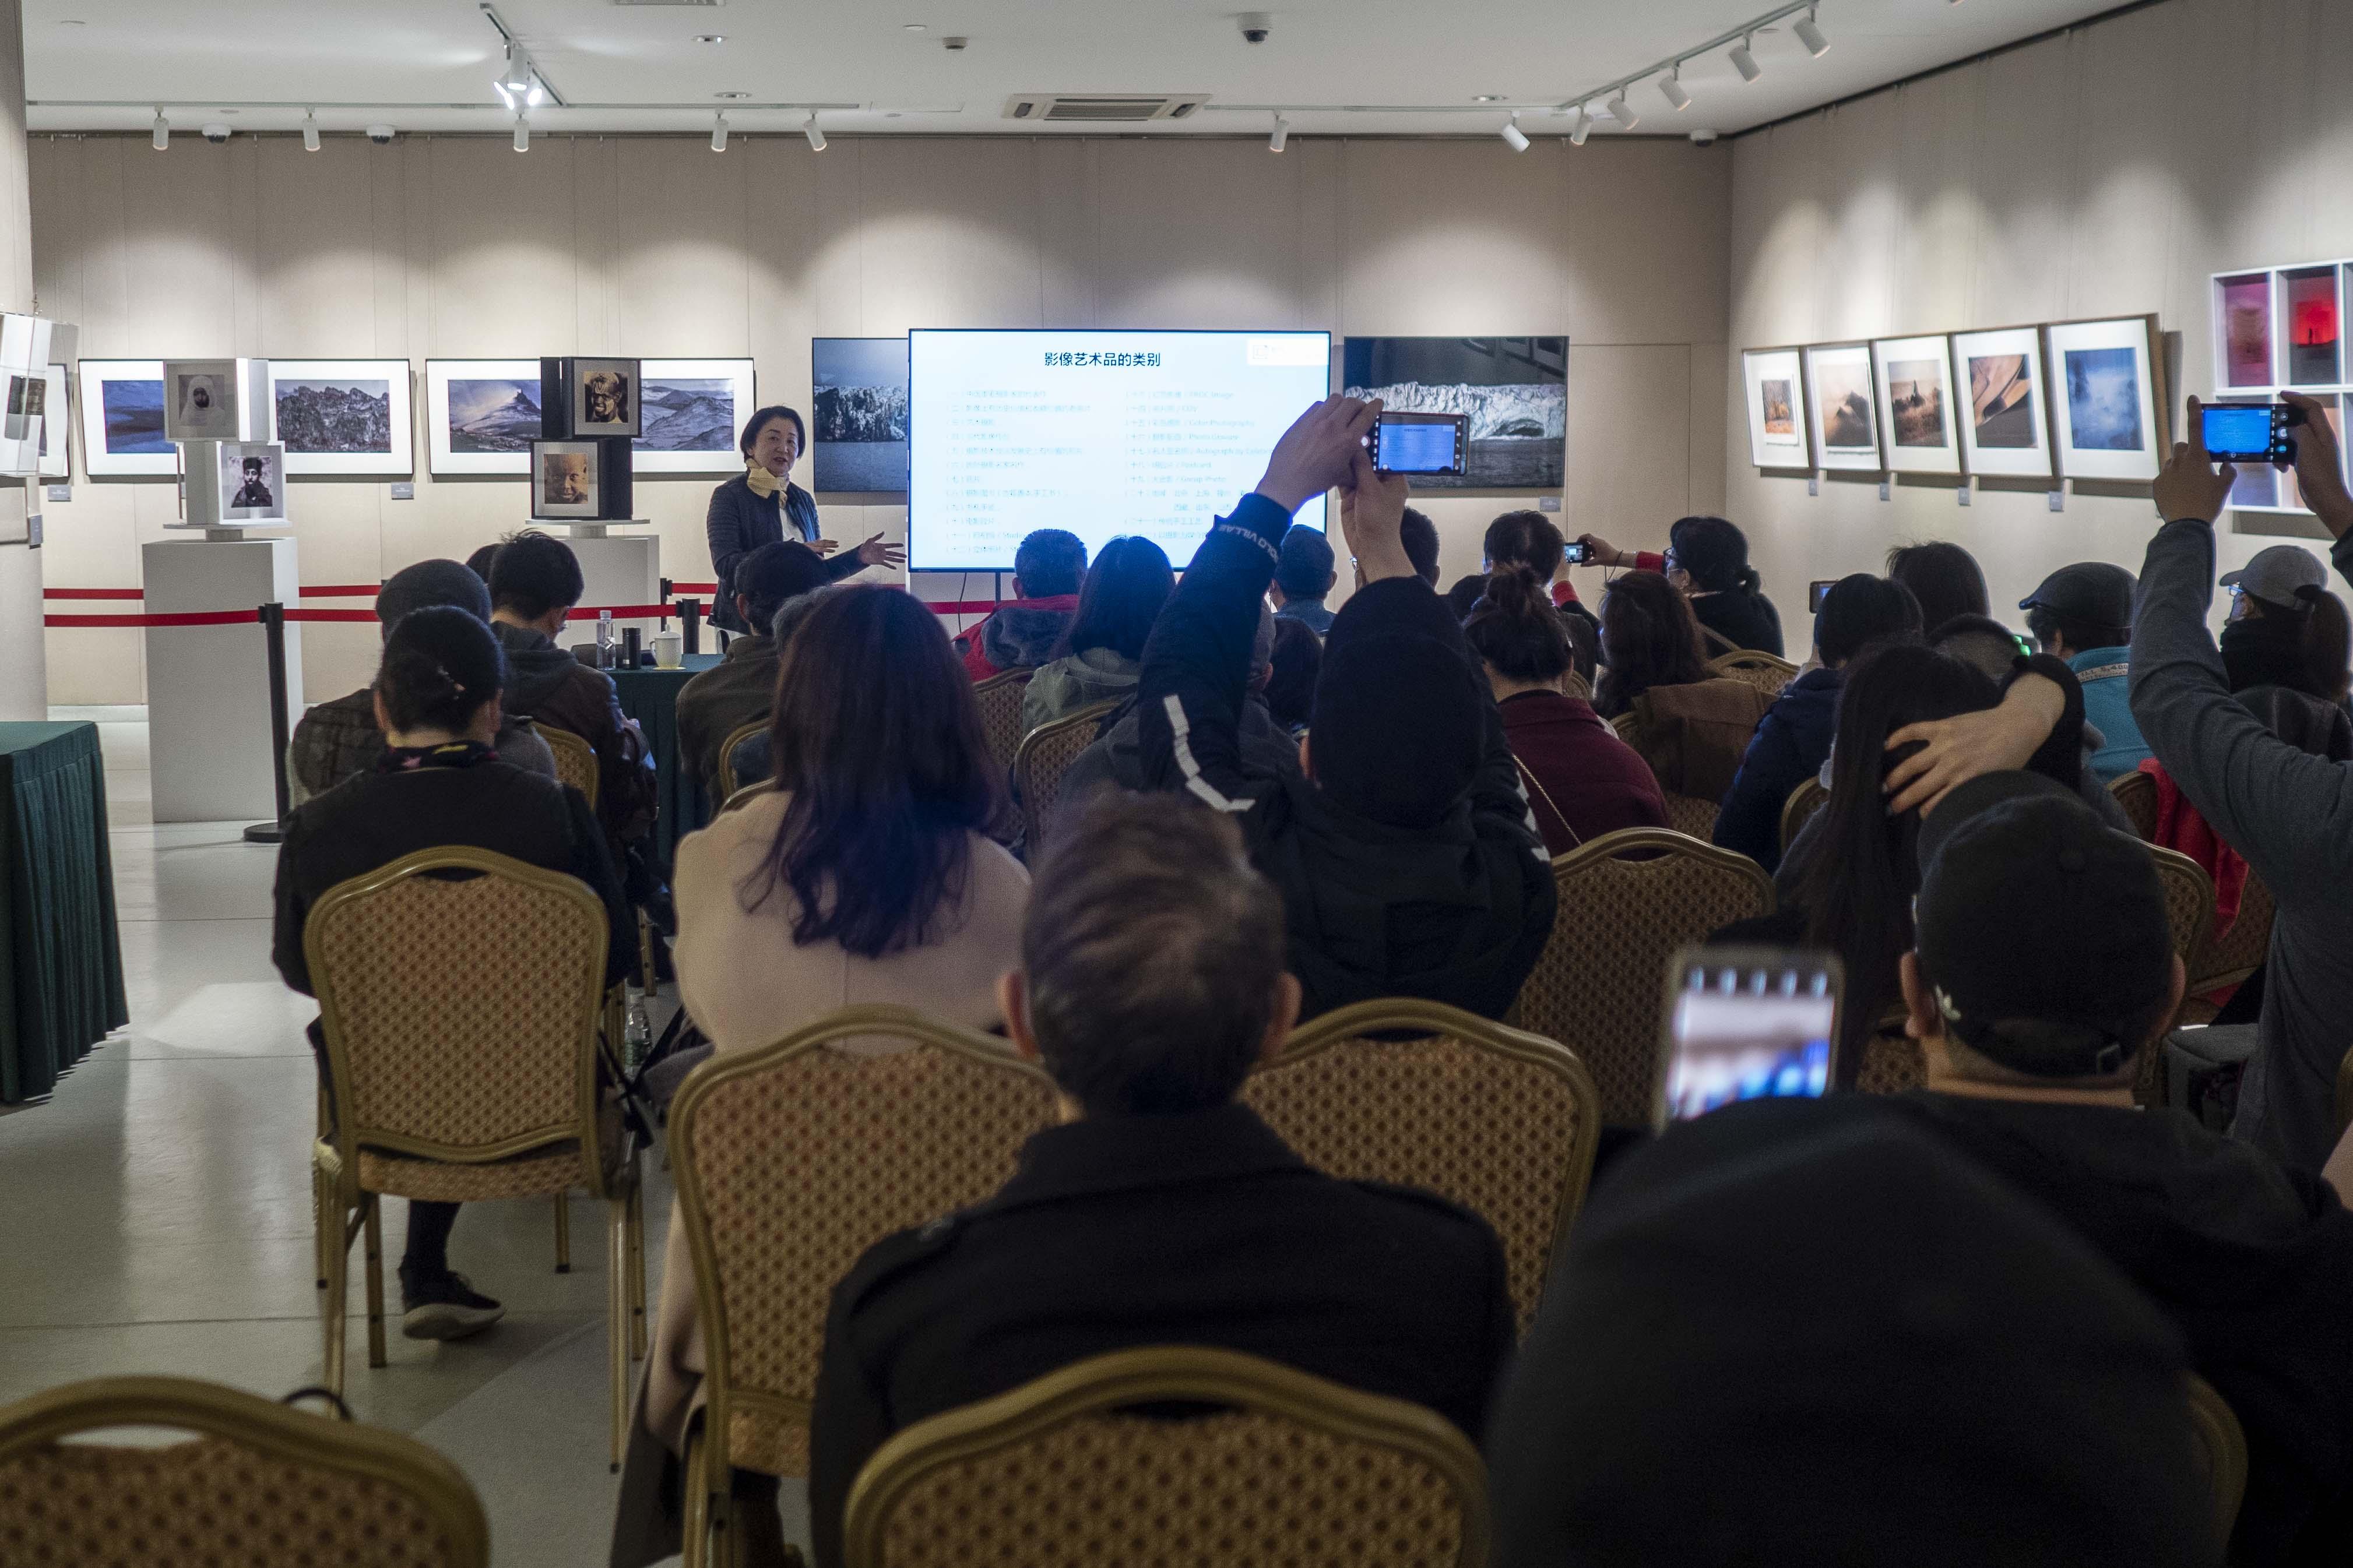 欧易交易平台:对话|李欣:中国摄影收藏处于欧美七八十年代起步阶段